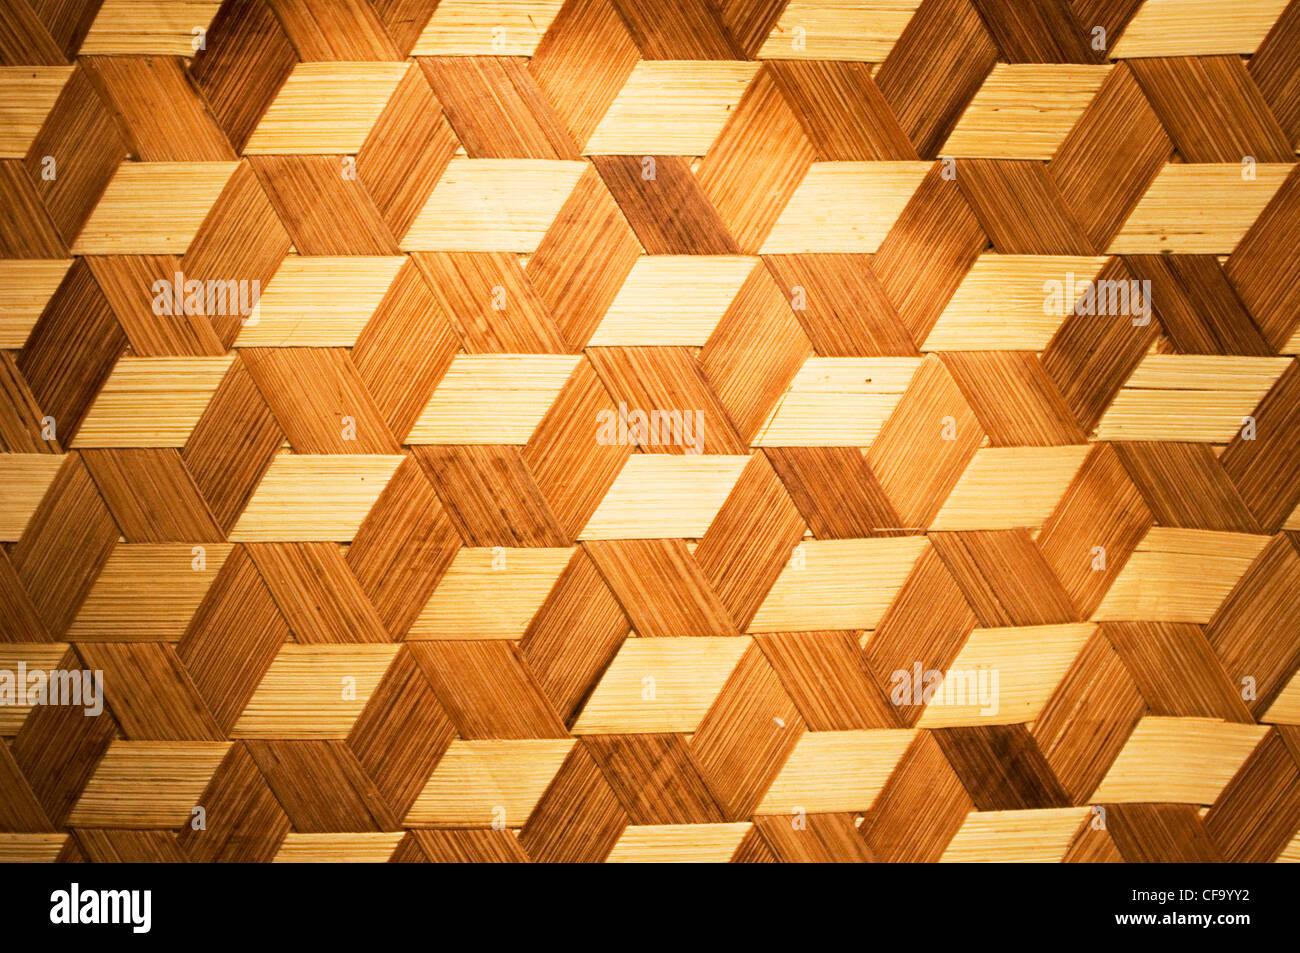 Trama de fondo abstracto, imaginativa y ilusoria patrón. Imagen De Stock